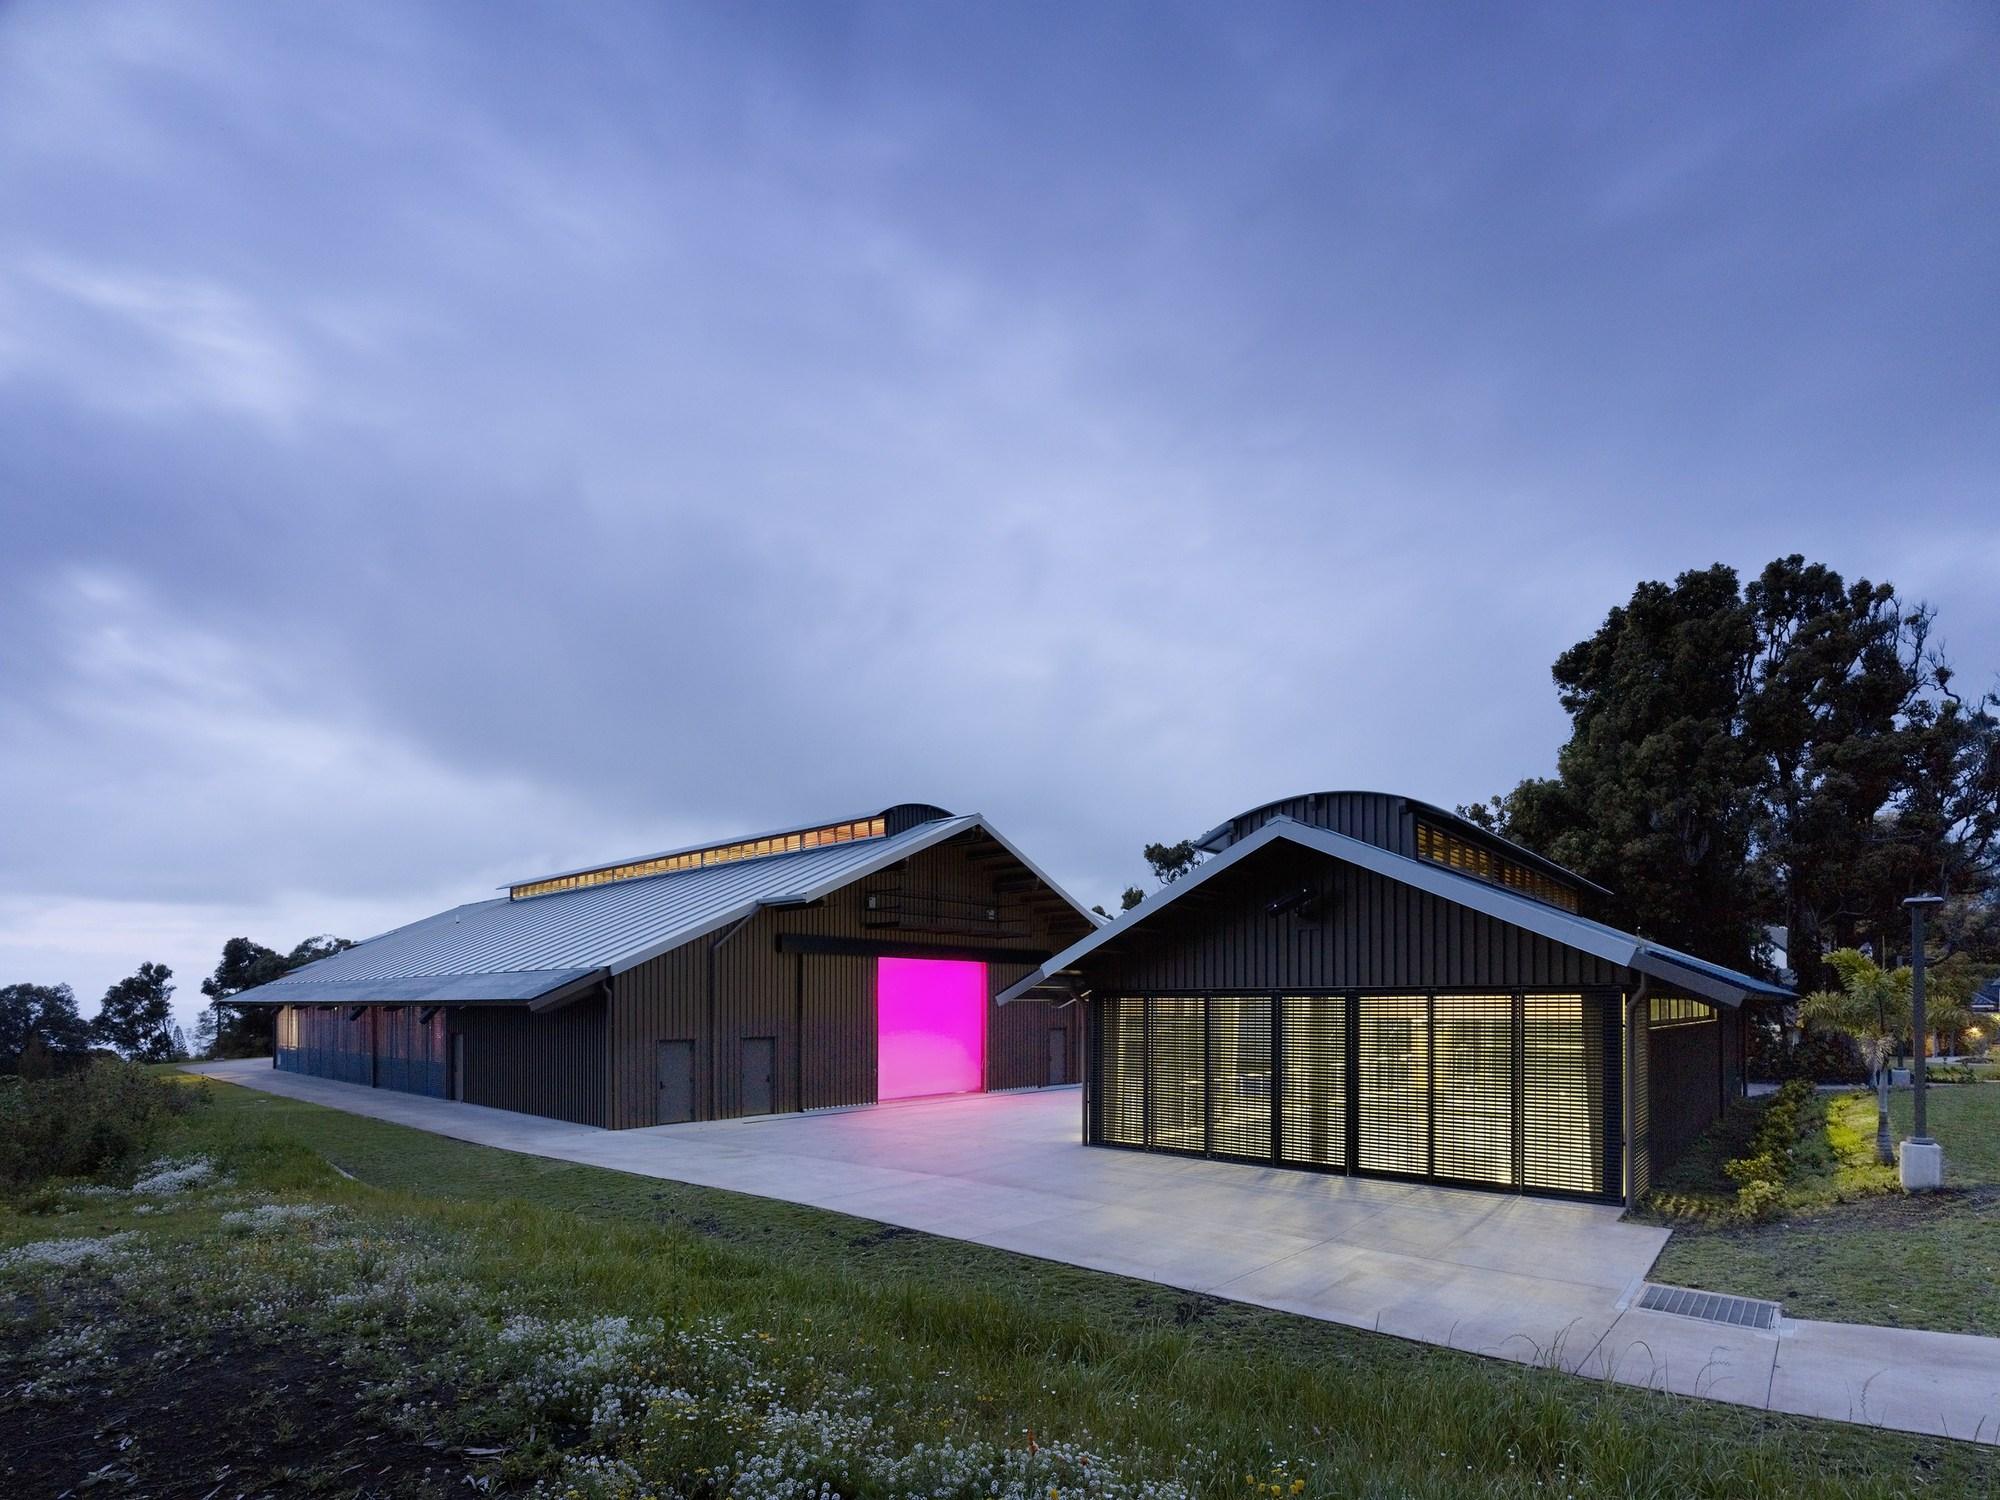 Centro de artes criativas seabury hall flansburgh for Barn homes australia